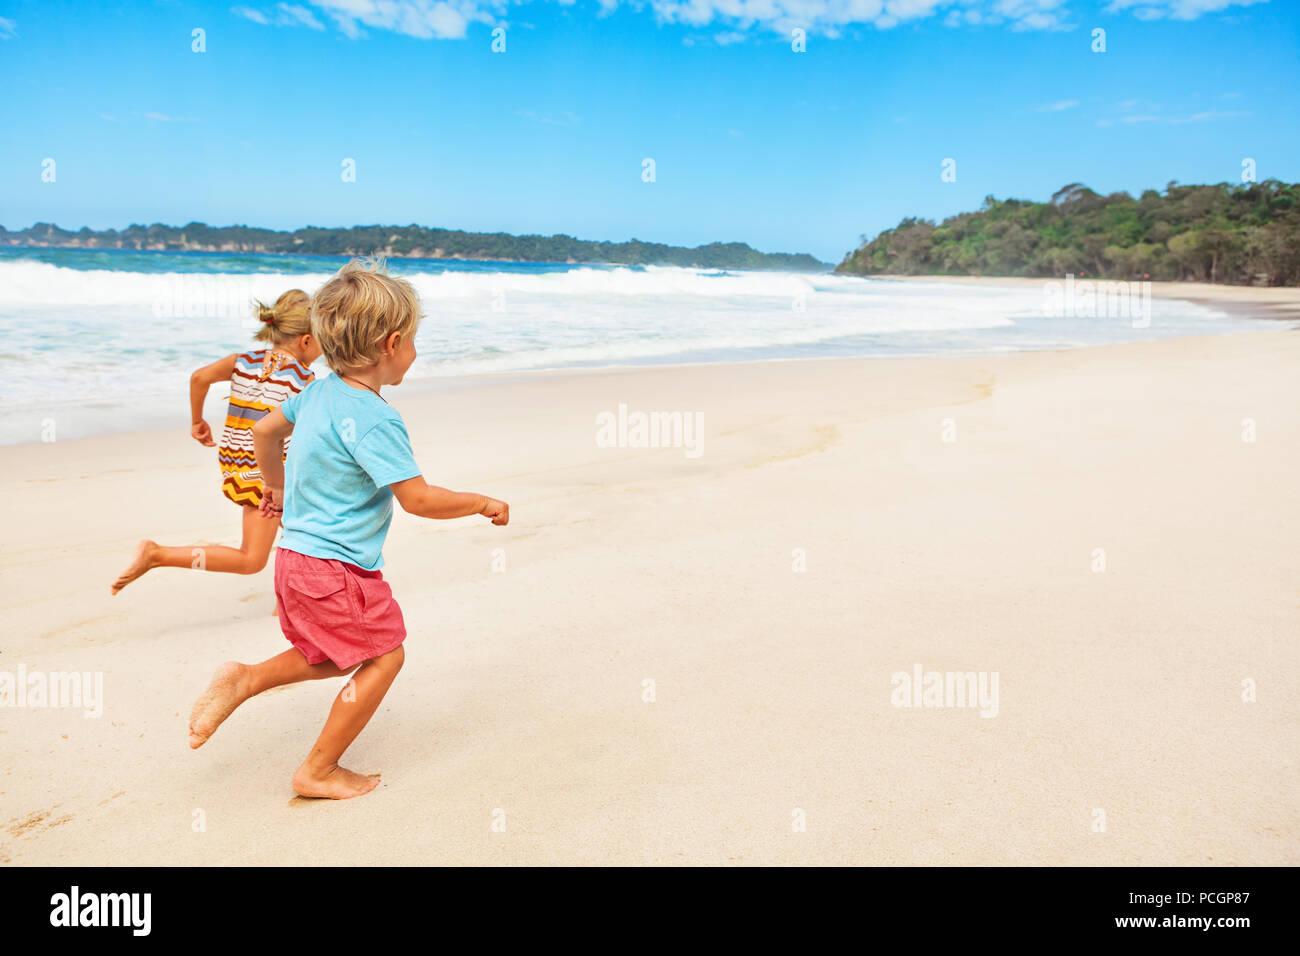 Gerne barfuß Kinder haben Spaß am Strand spazieren. Laufen und springen, der von weißem Sand am Meer surfen. Familie Reisen, Lifestyle, Outdoor Sport Aktivitäten und Spiele. Stockbild